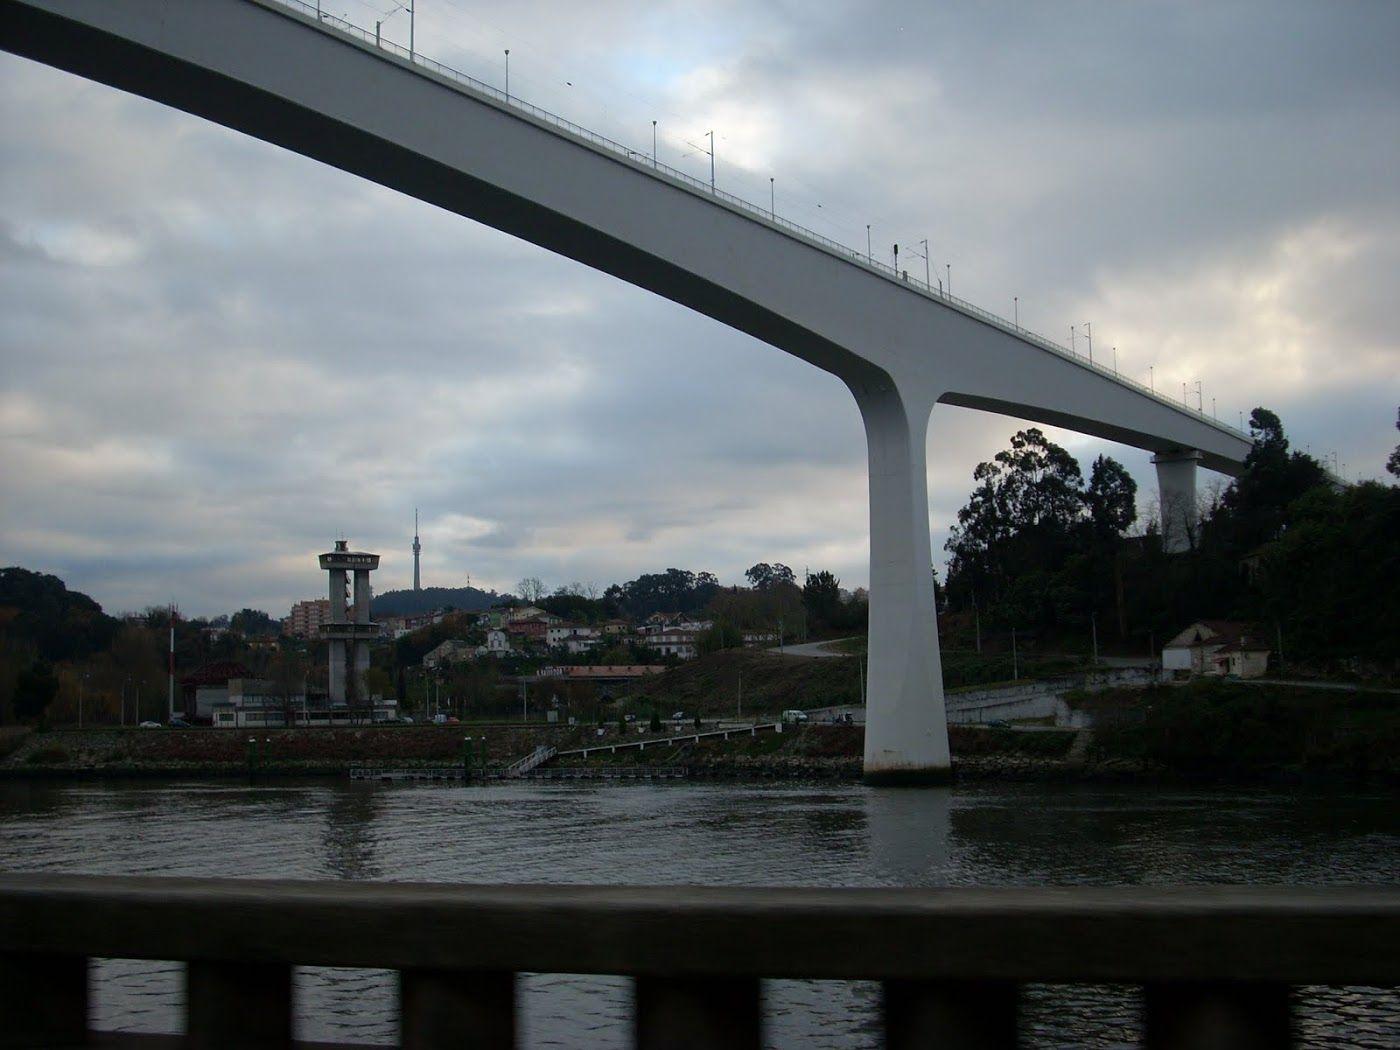 São João Bridge 1 - Porto, Portugal